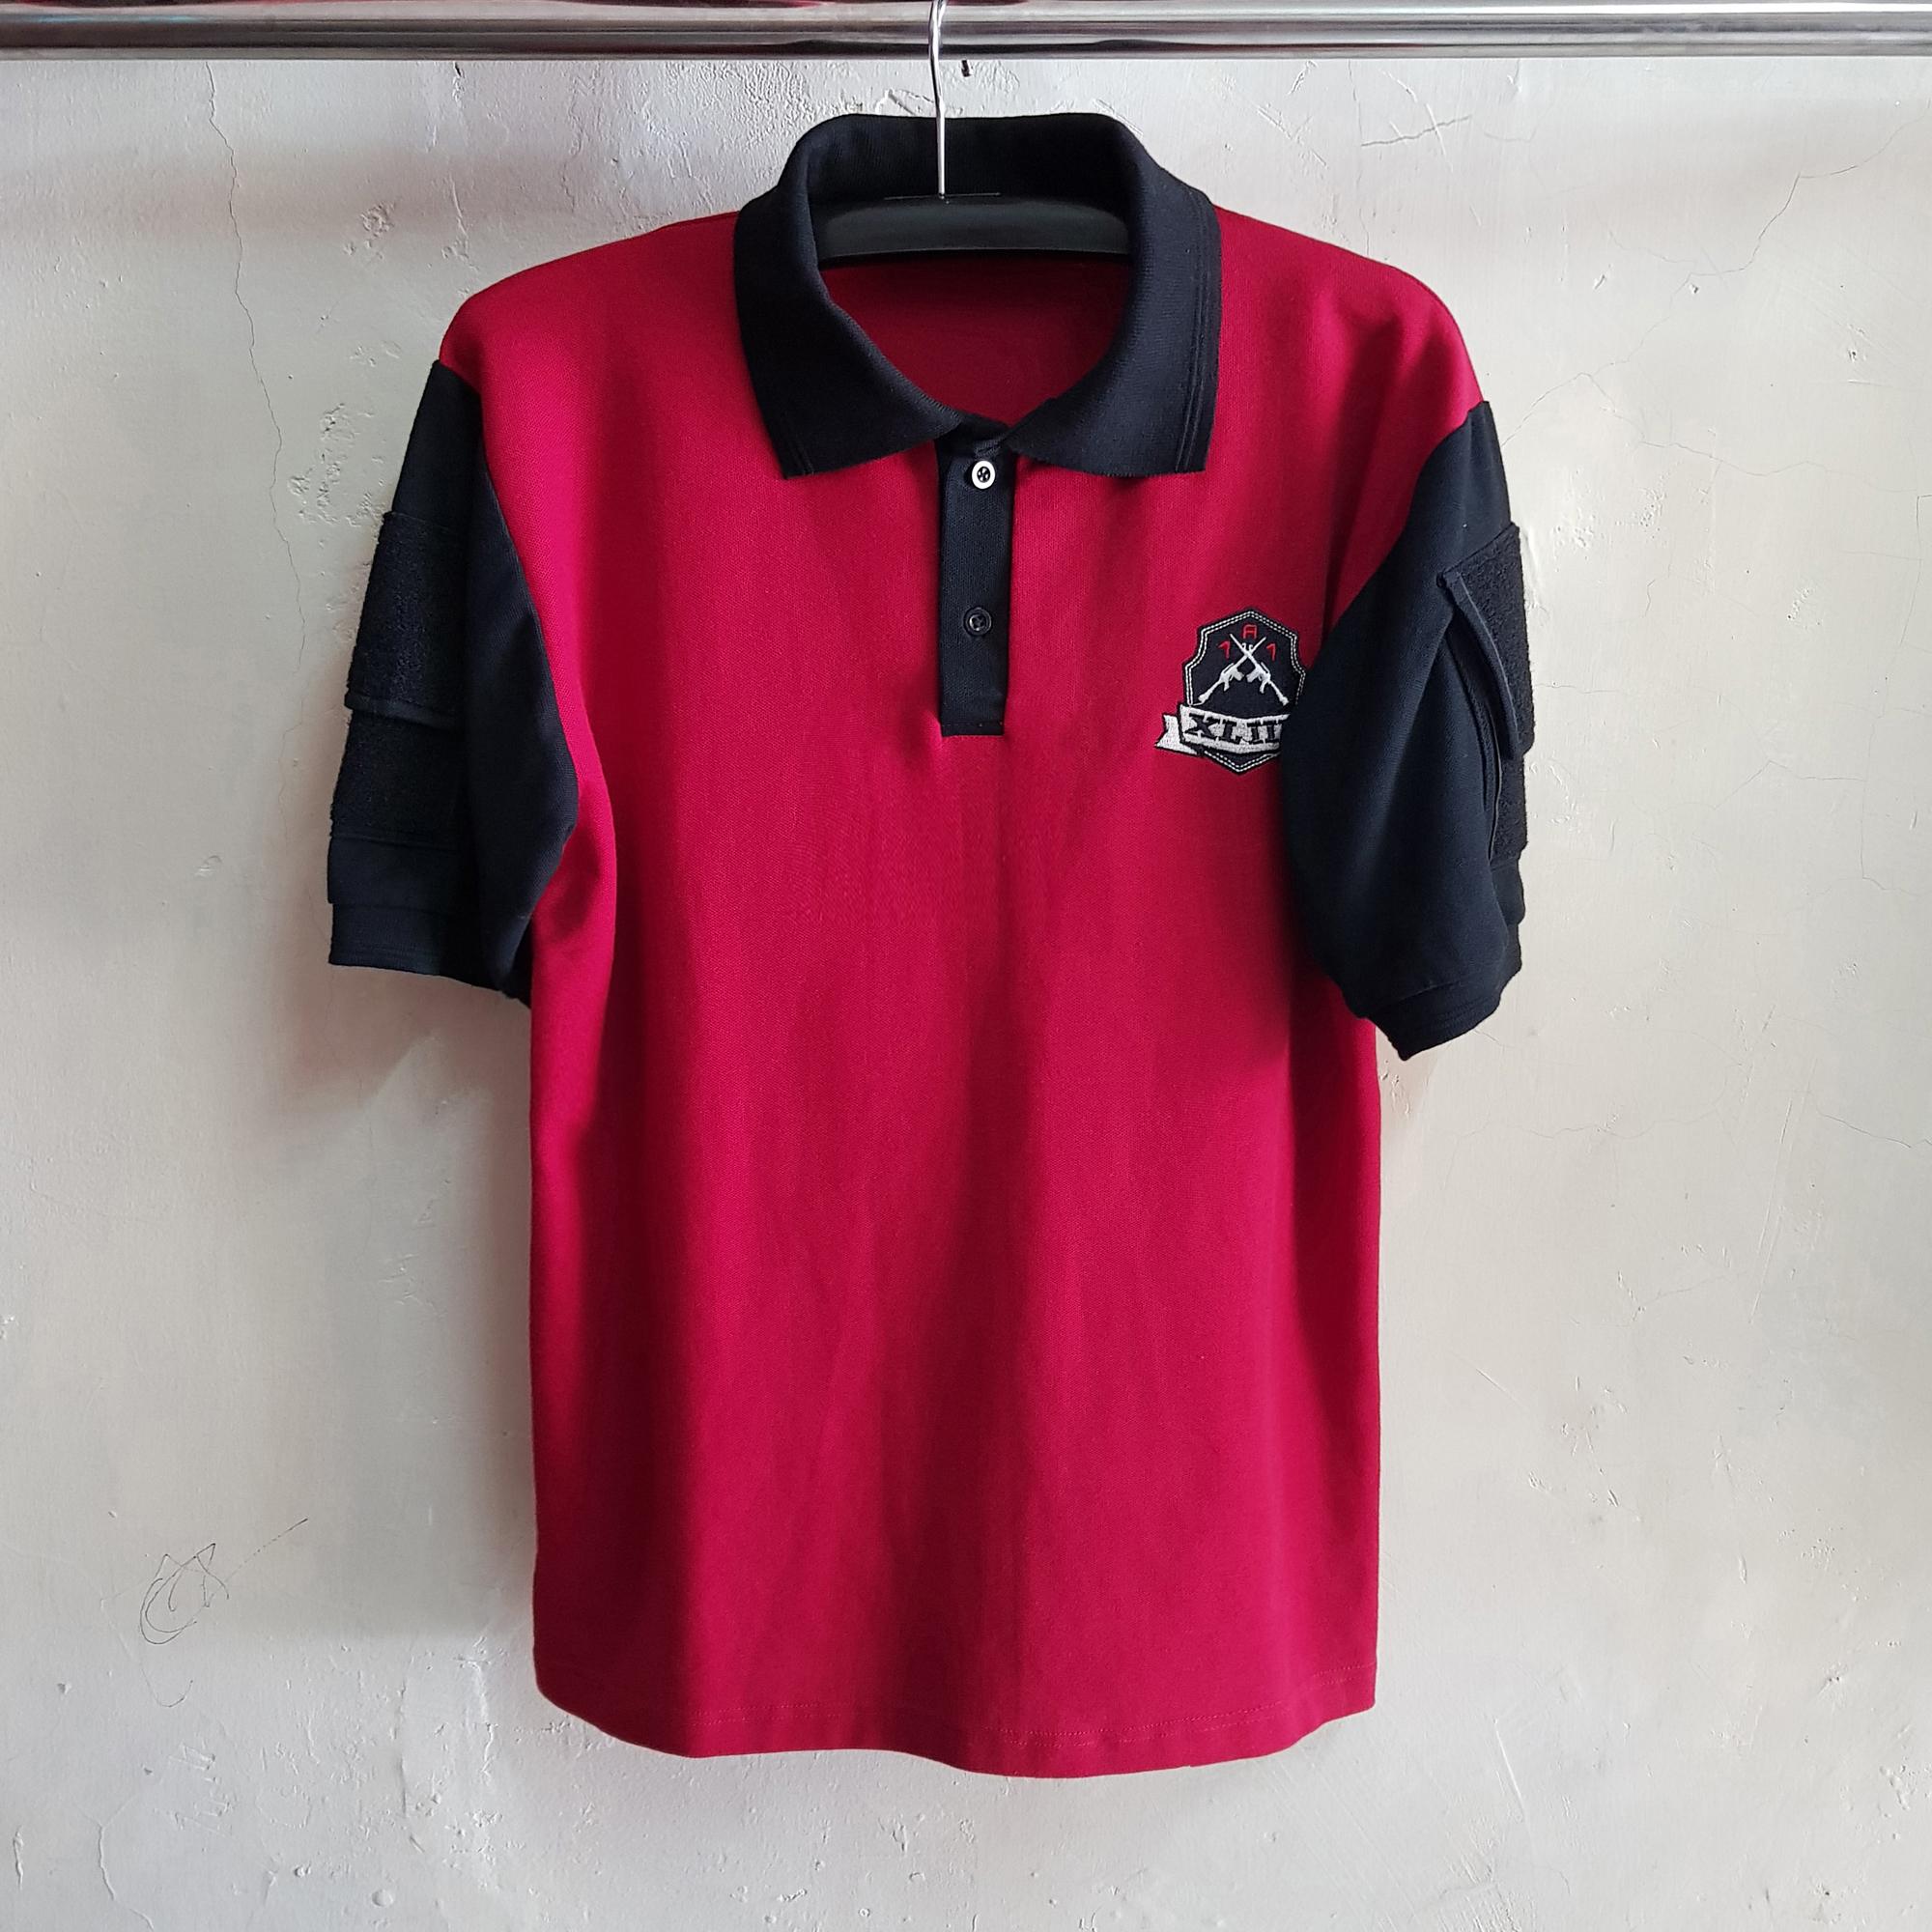 Kaos Kerah Tactical, Seragam Poloshirt 1AI